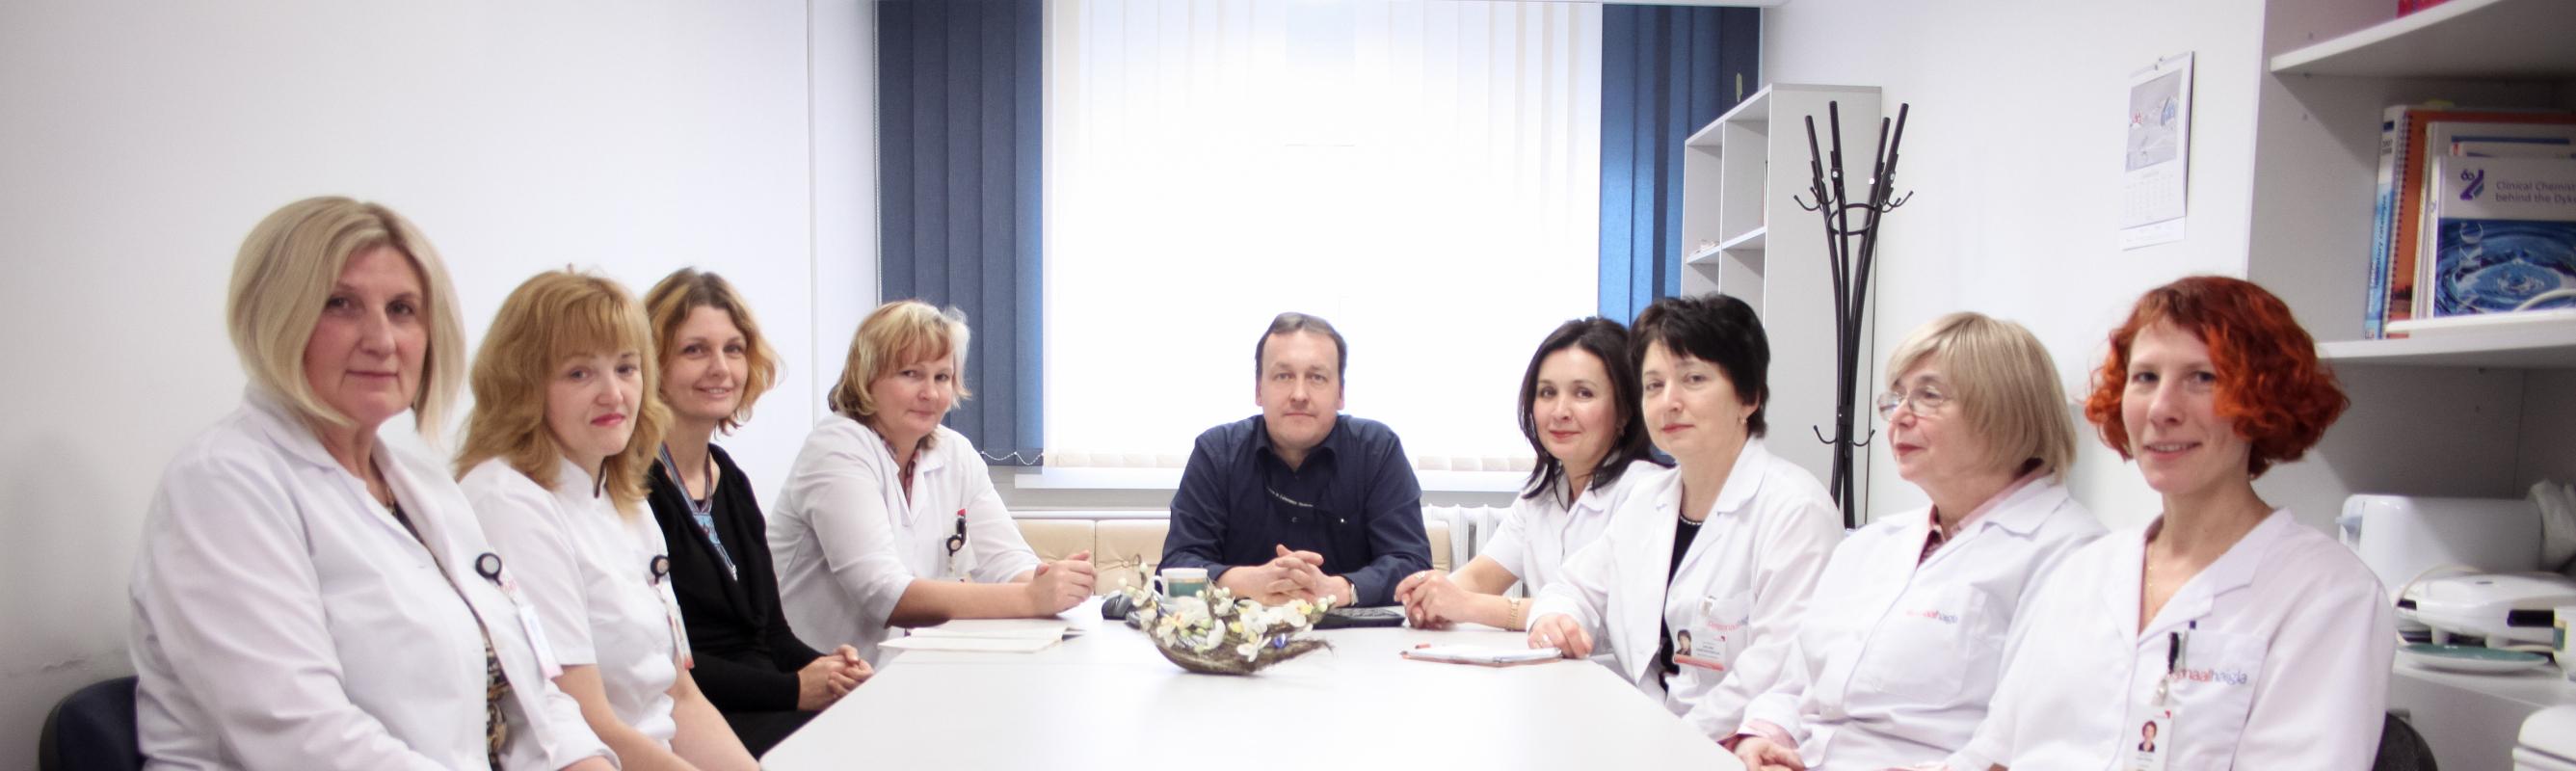 Laboratooriumi juhtide nõupidamine